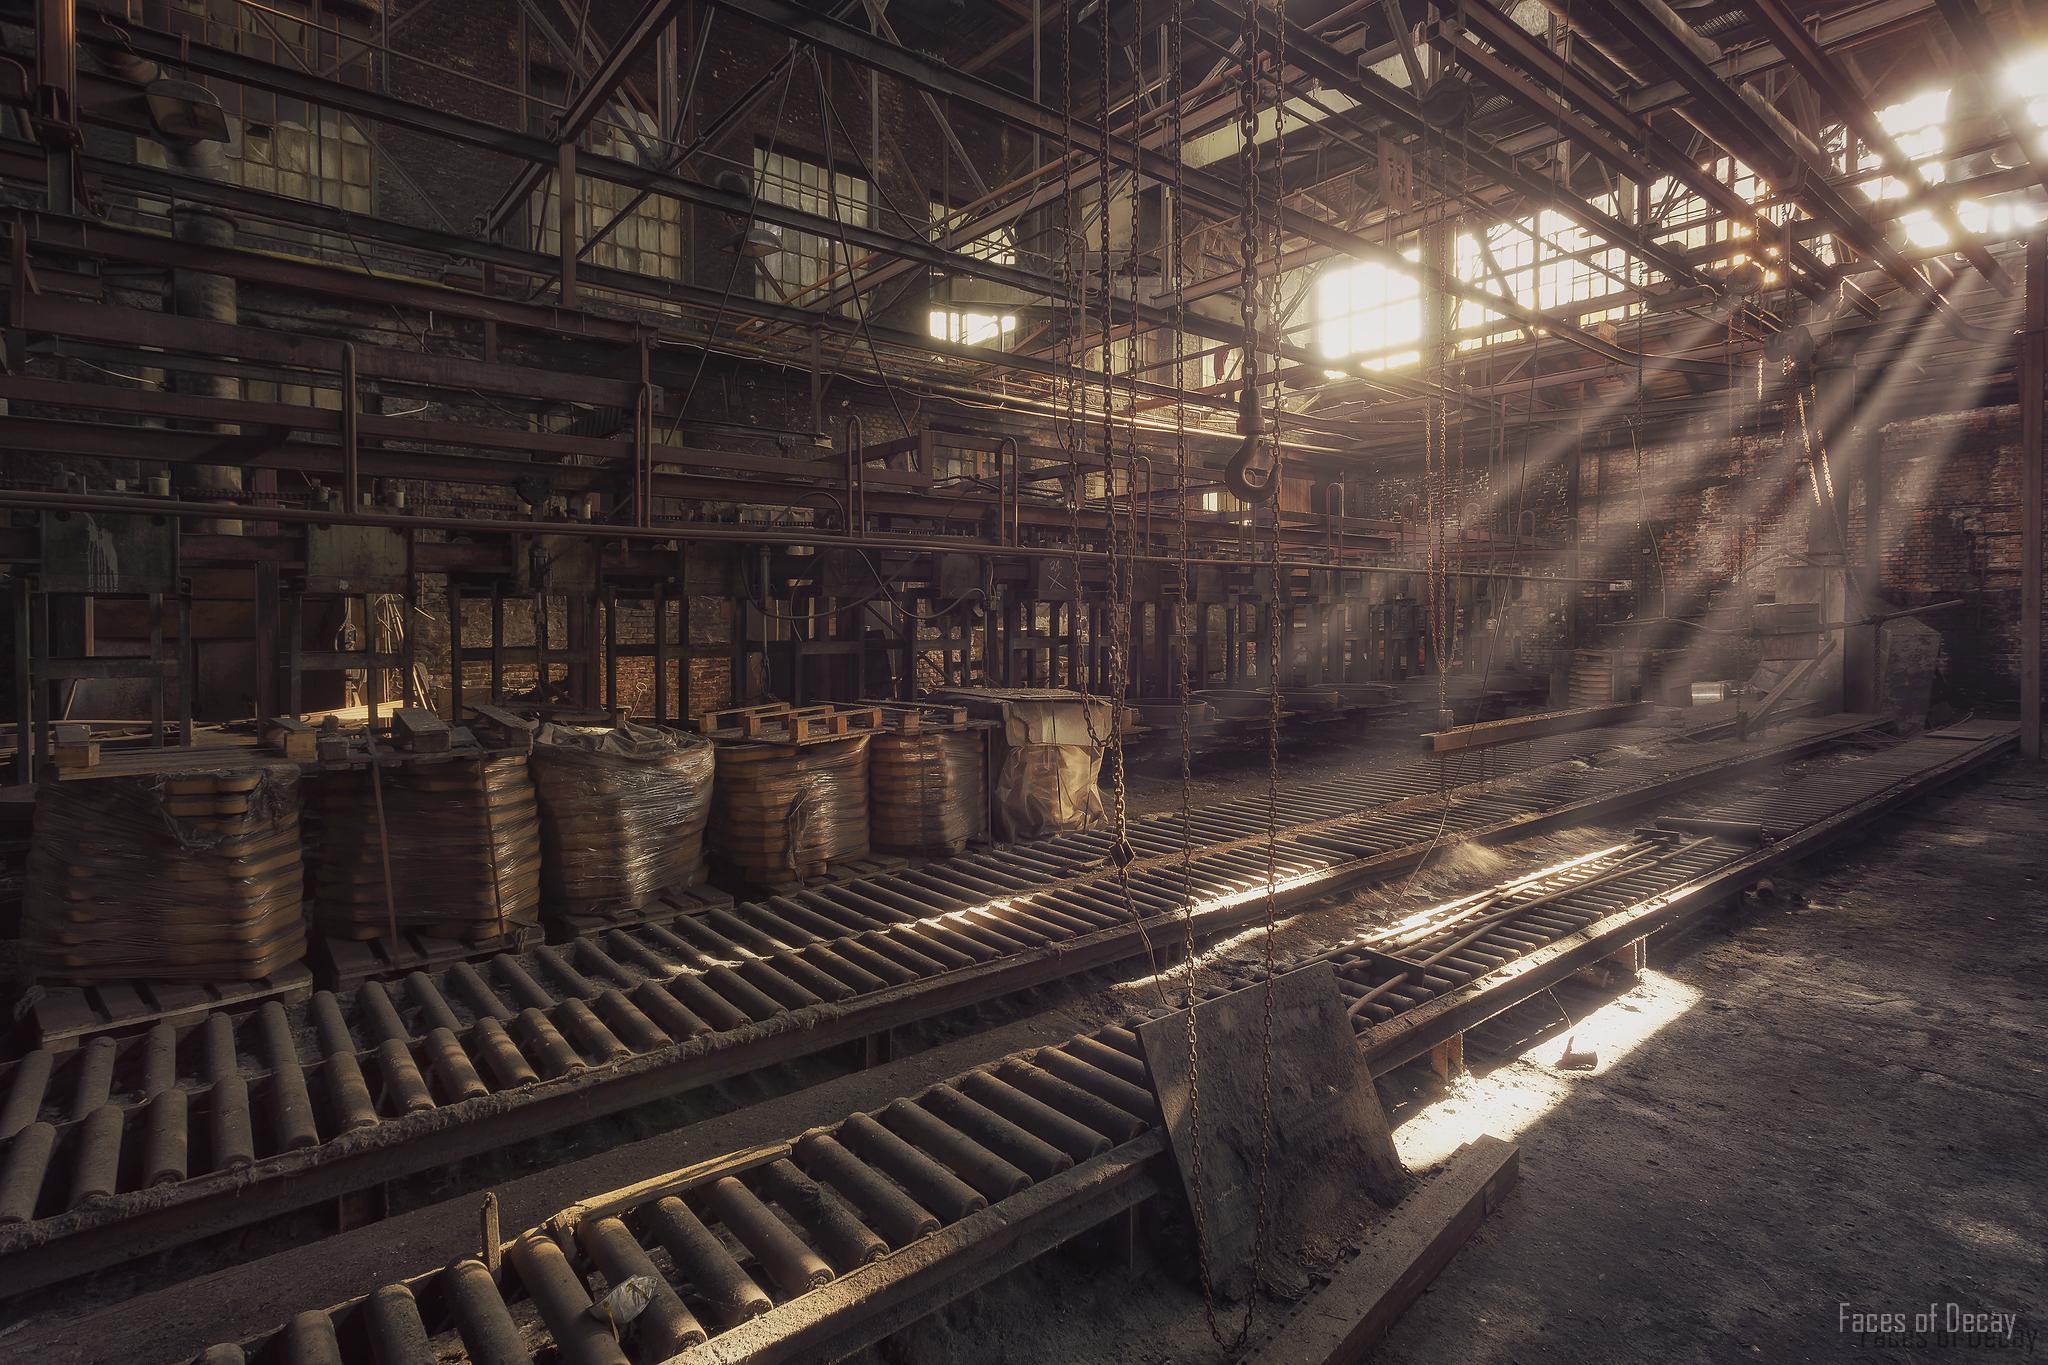 Holz Stehlen hintergrundbilder ruine verlassen holz stehlen metall